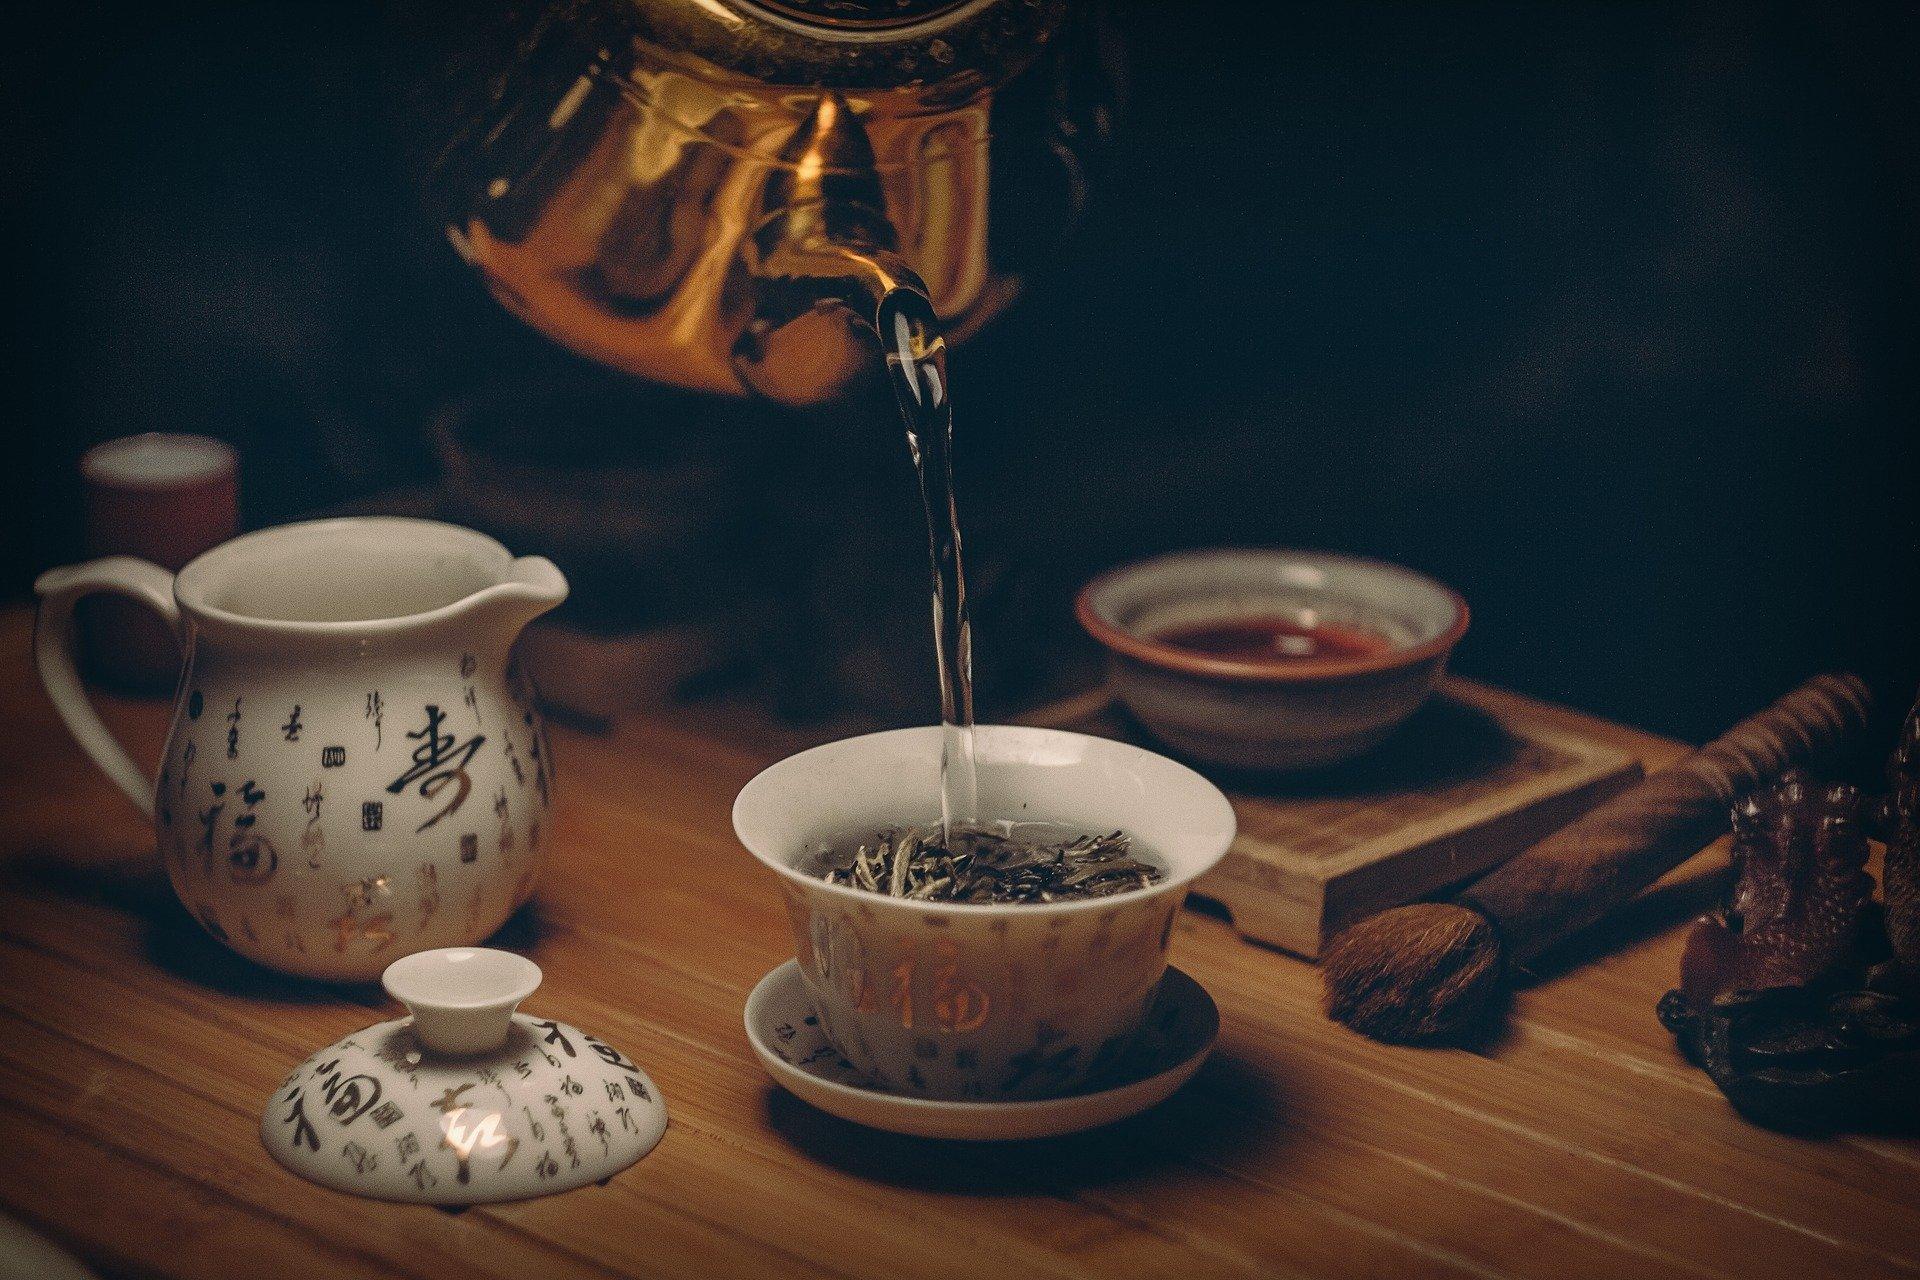 cup-of-loose-leaf-tea 10 Benefits of Drinking Loose Leaf Tea